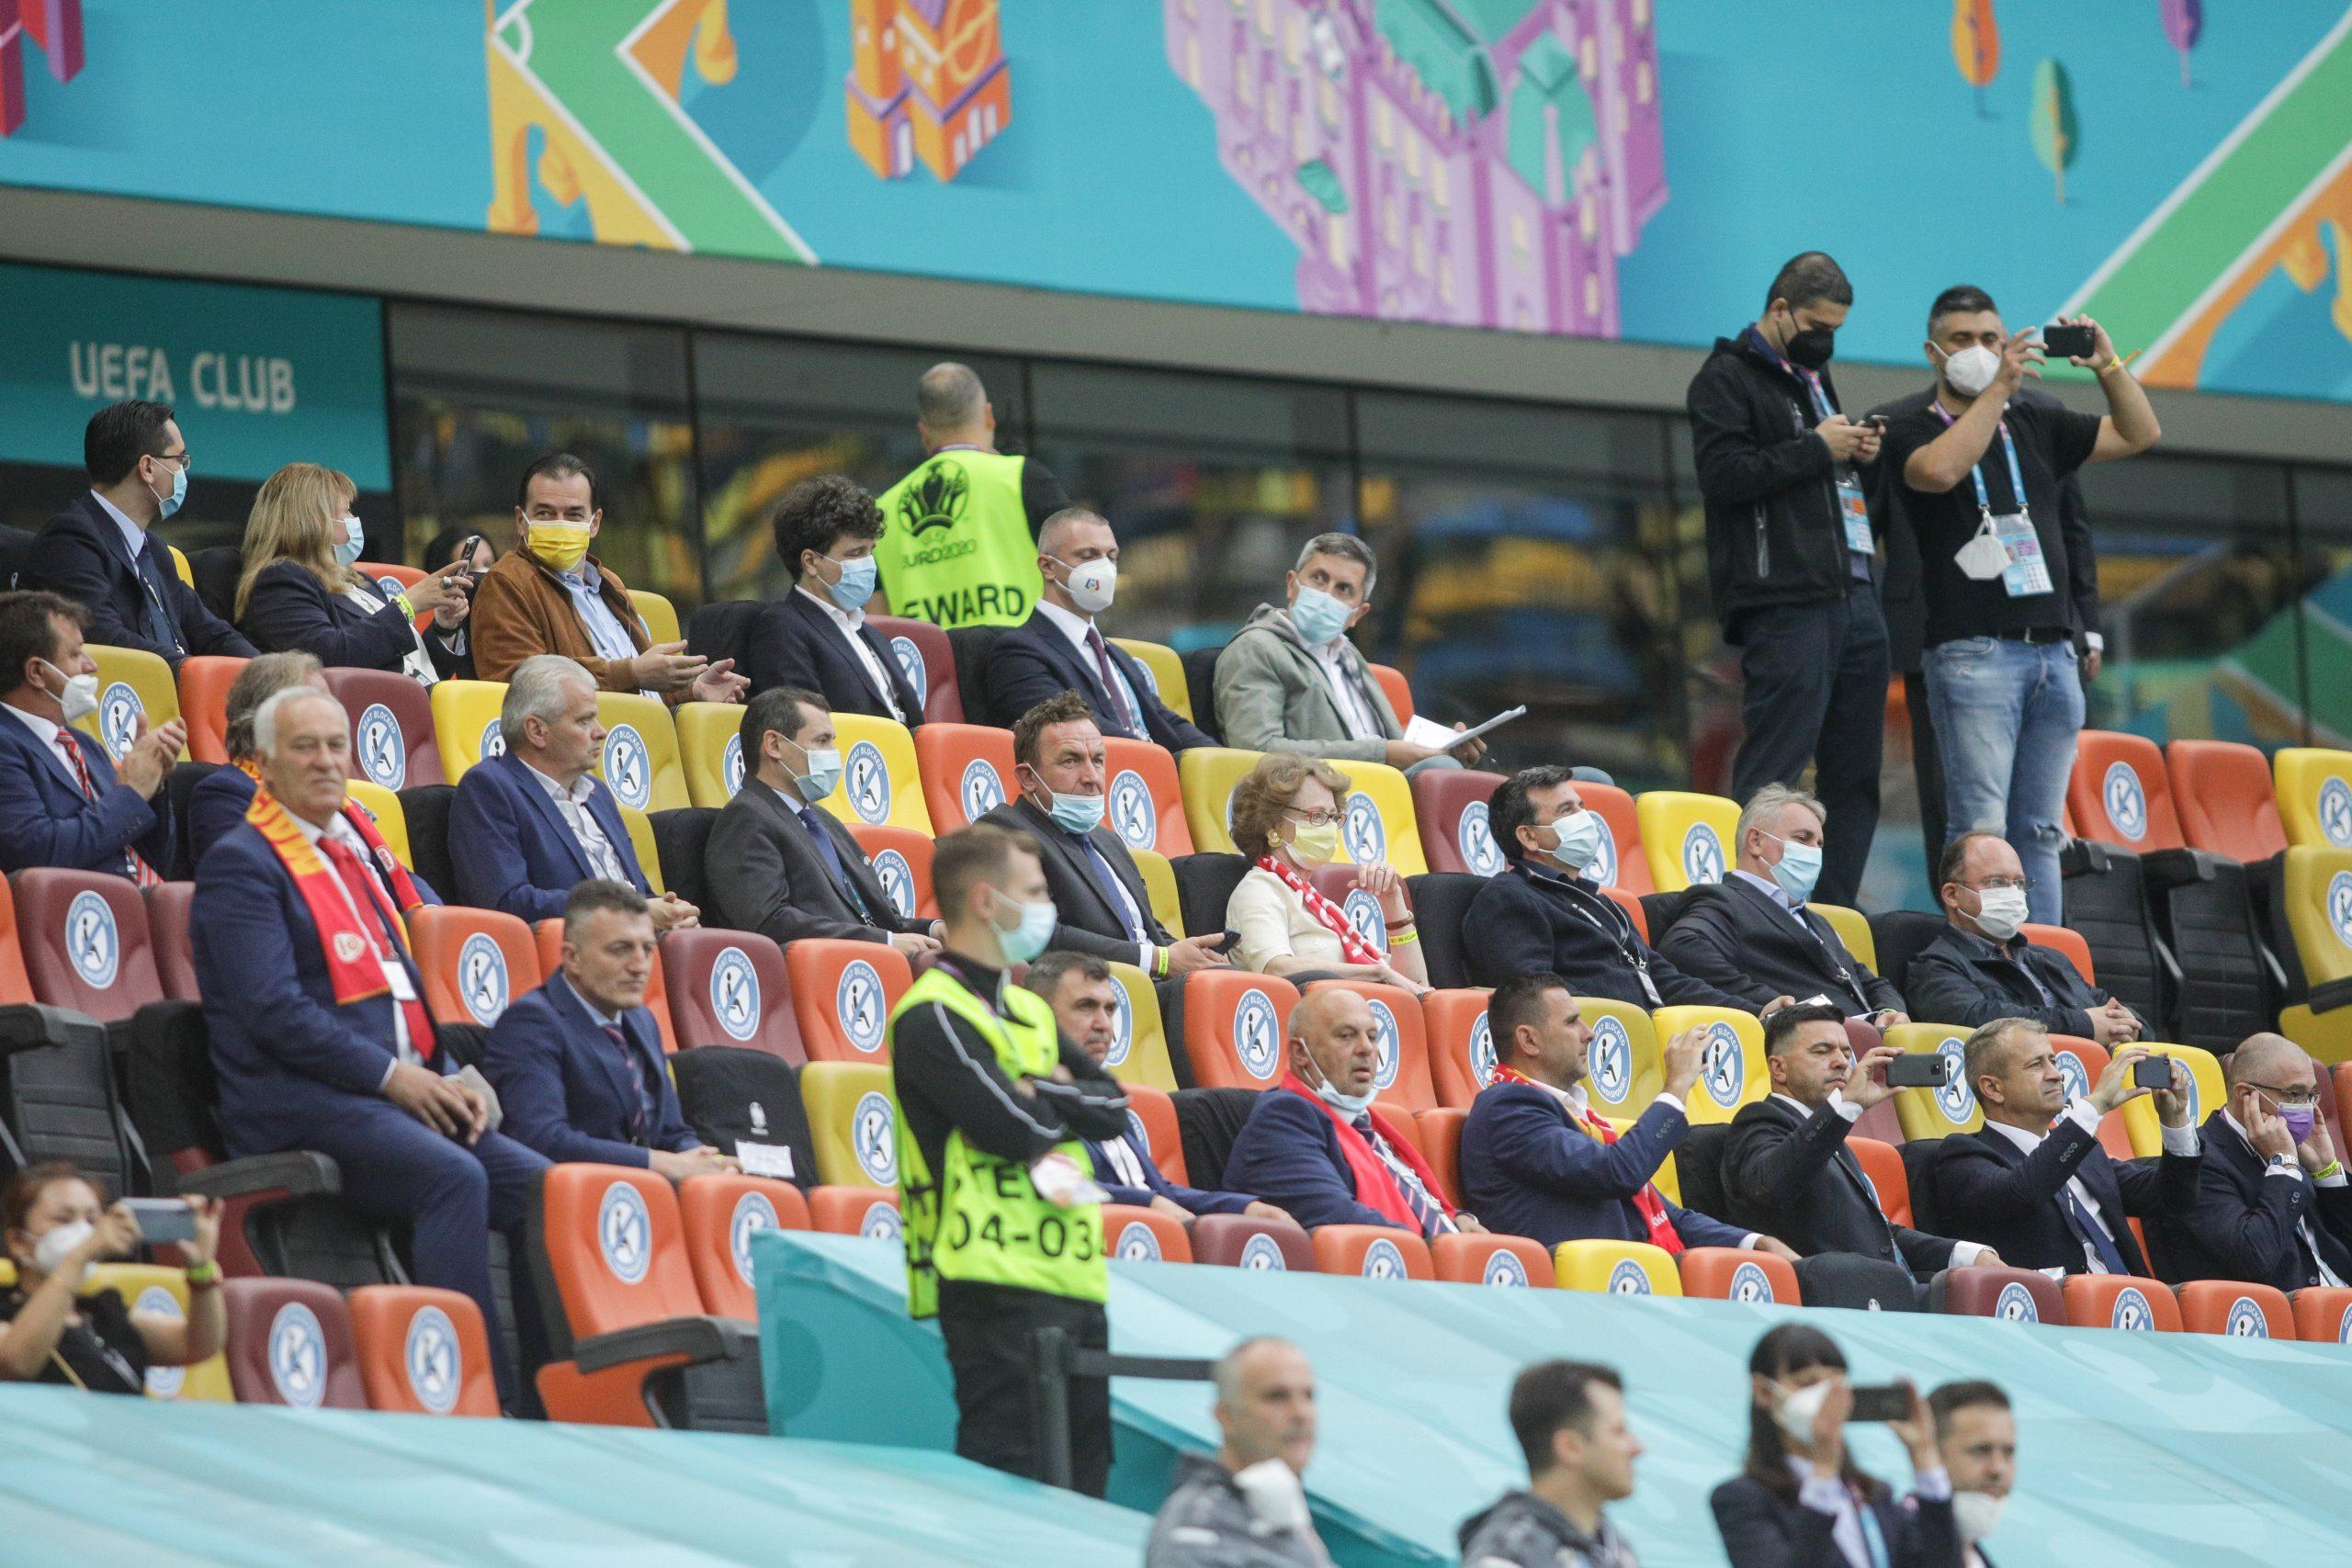 Tribuna oficială de la Arena Naţională, ticsită de oameni politici. Sursa foto: INQUAM Photos / Octav Ganea